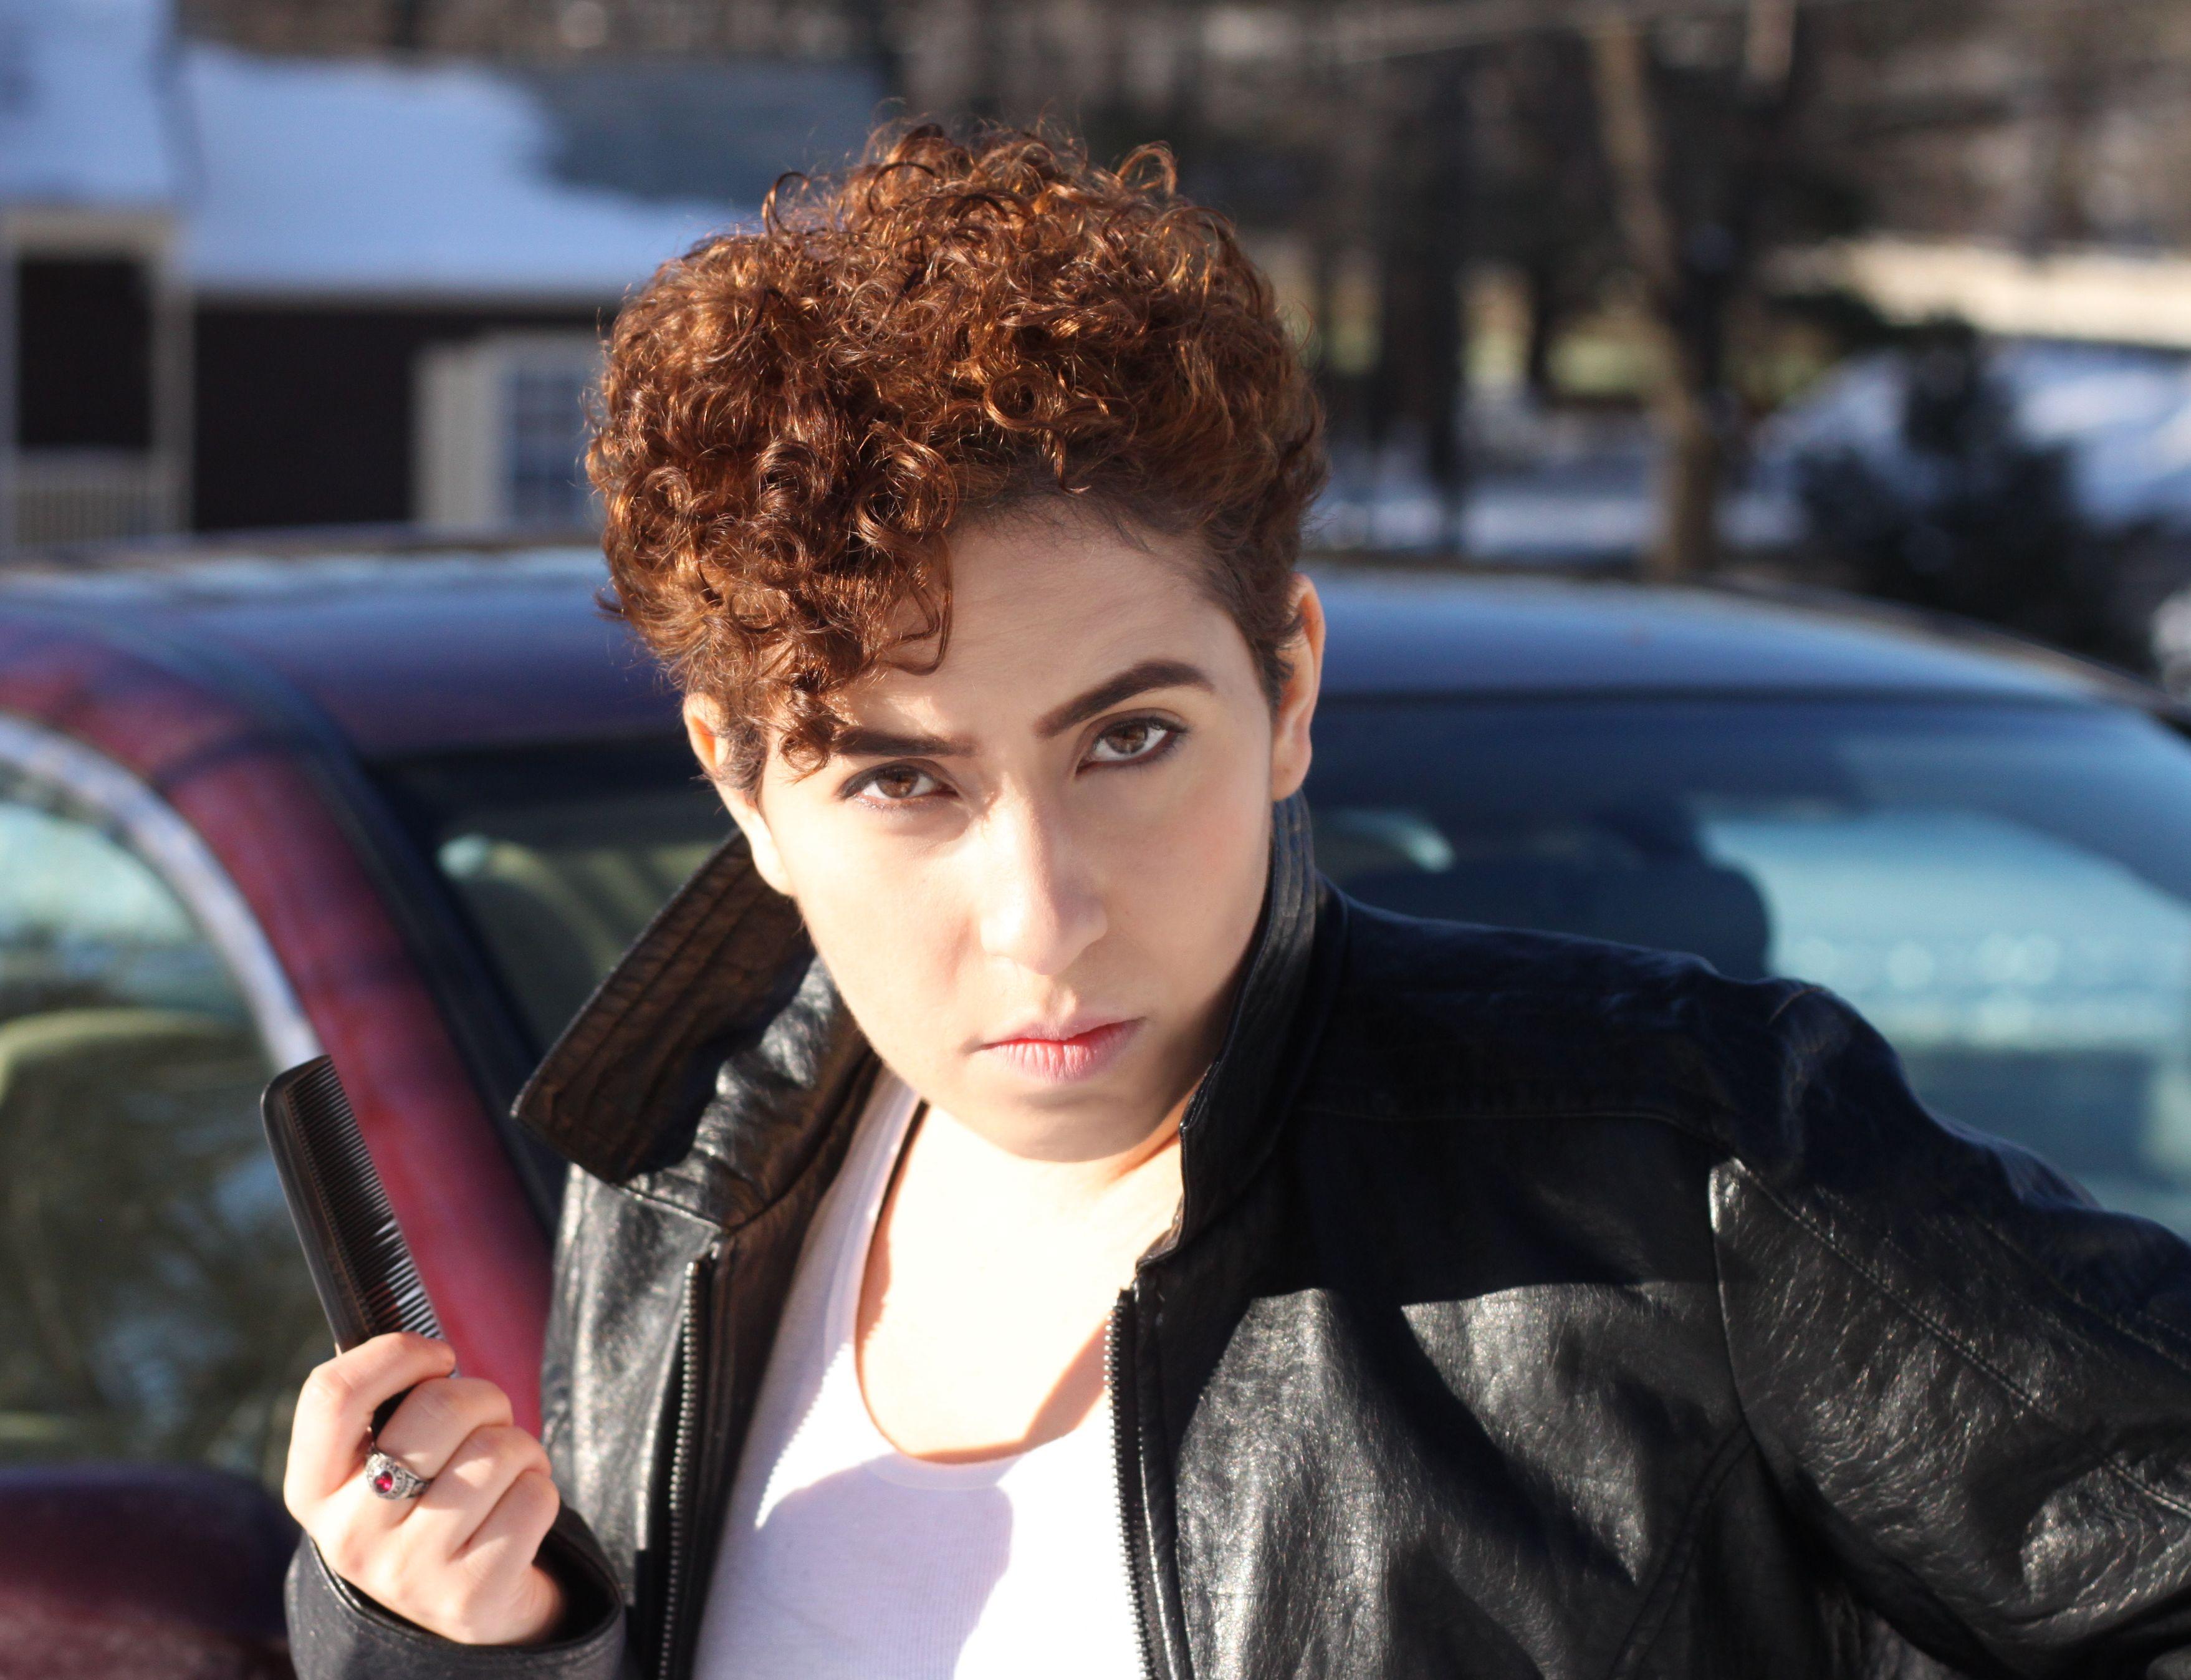 makeup boy man gender expression b greaser leather